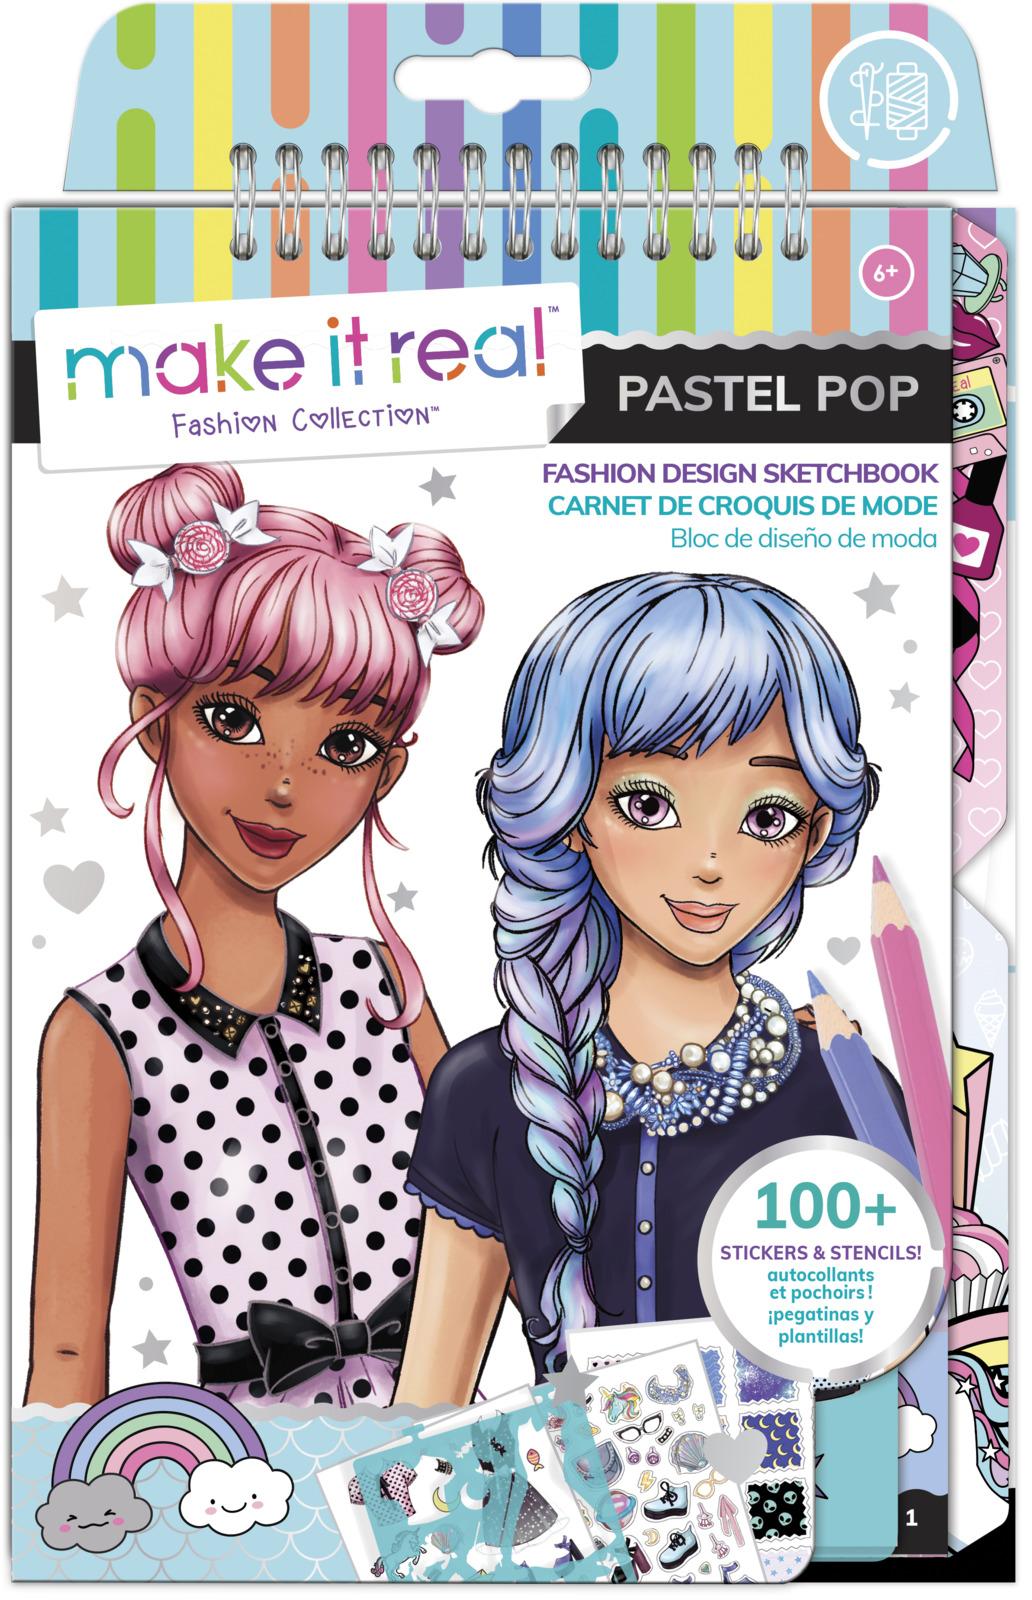 Make It Real: Fashion Design Sketchbook - Pastel Pop! image